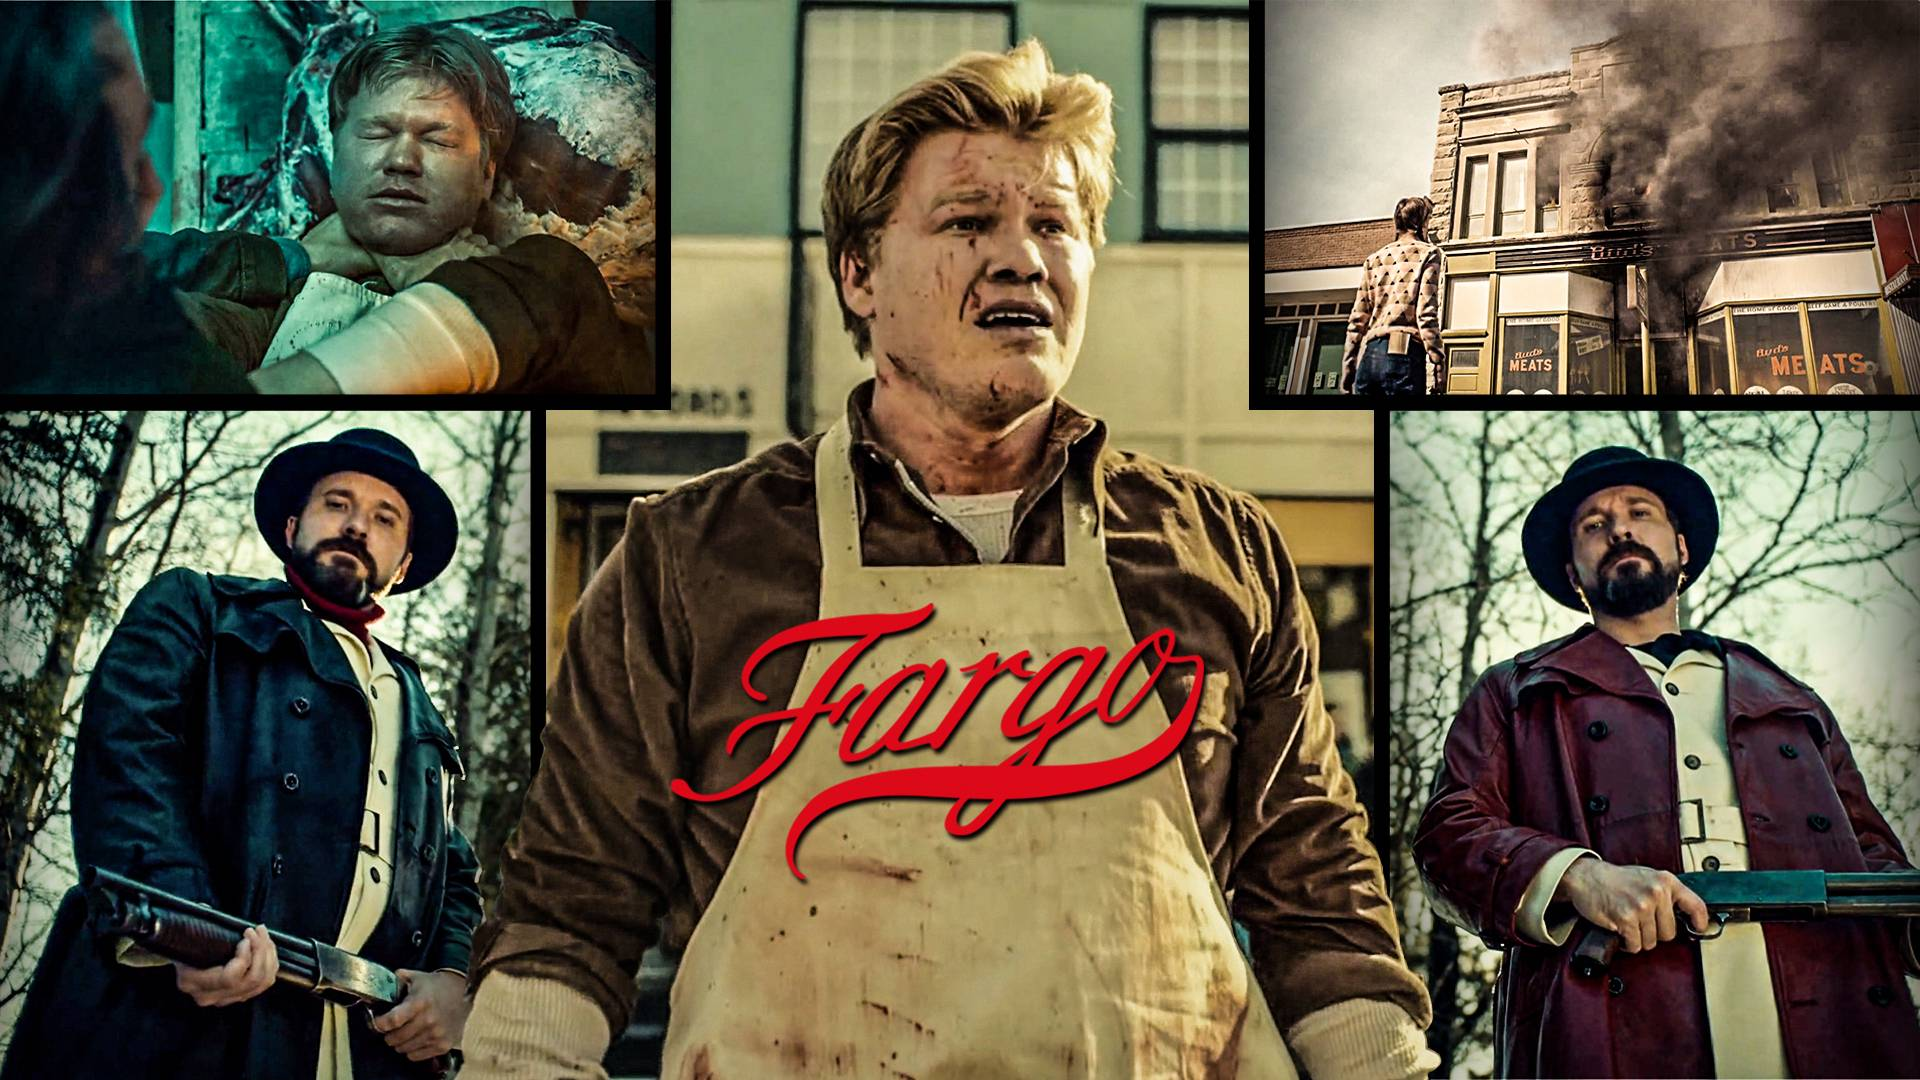 【墨菲】《冰血暴》第二季5期:卢文屠夫惨遭暗杀,格哈特家族大开杀戒